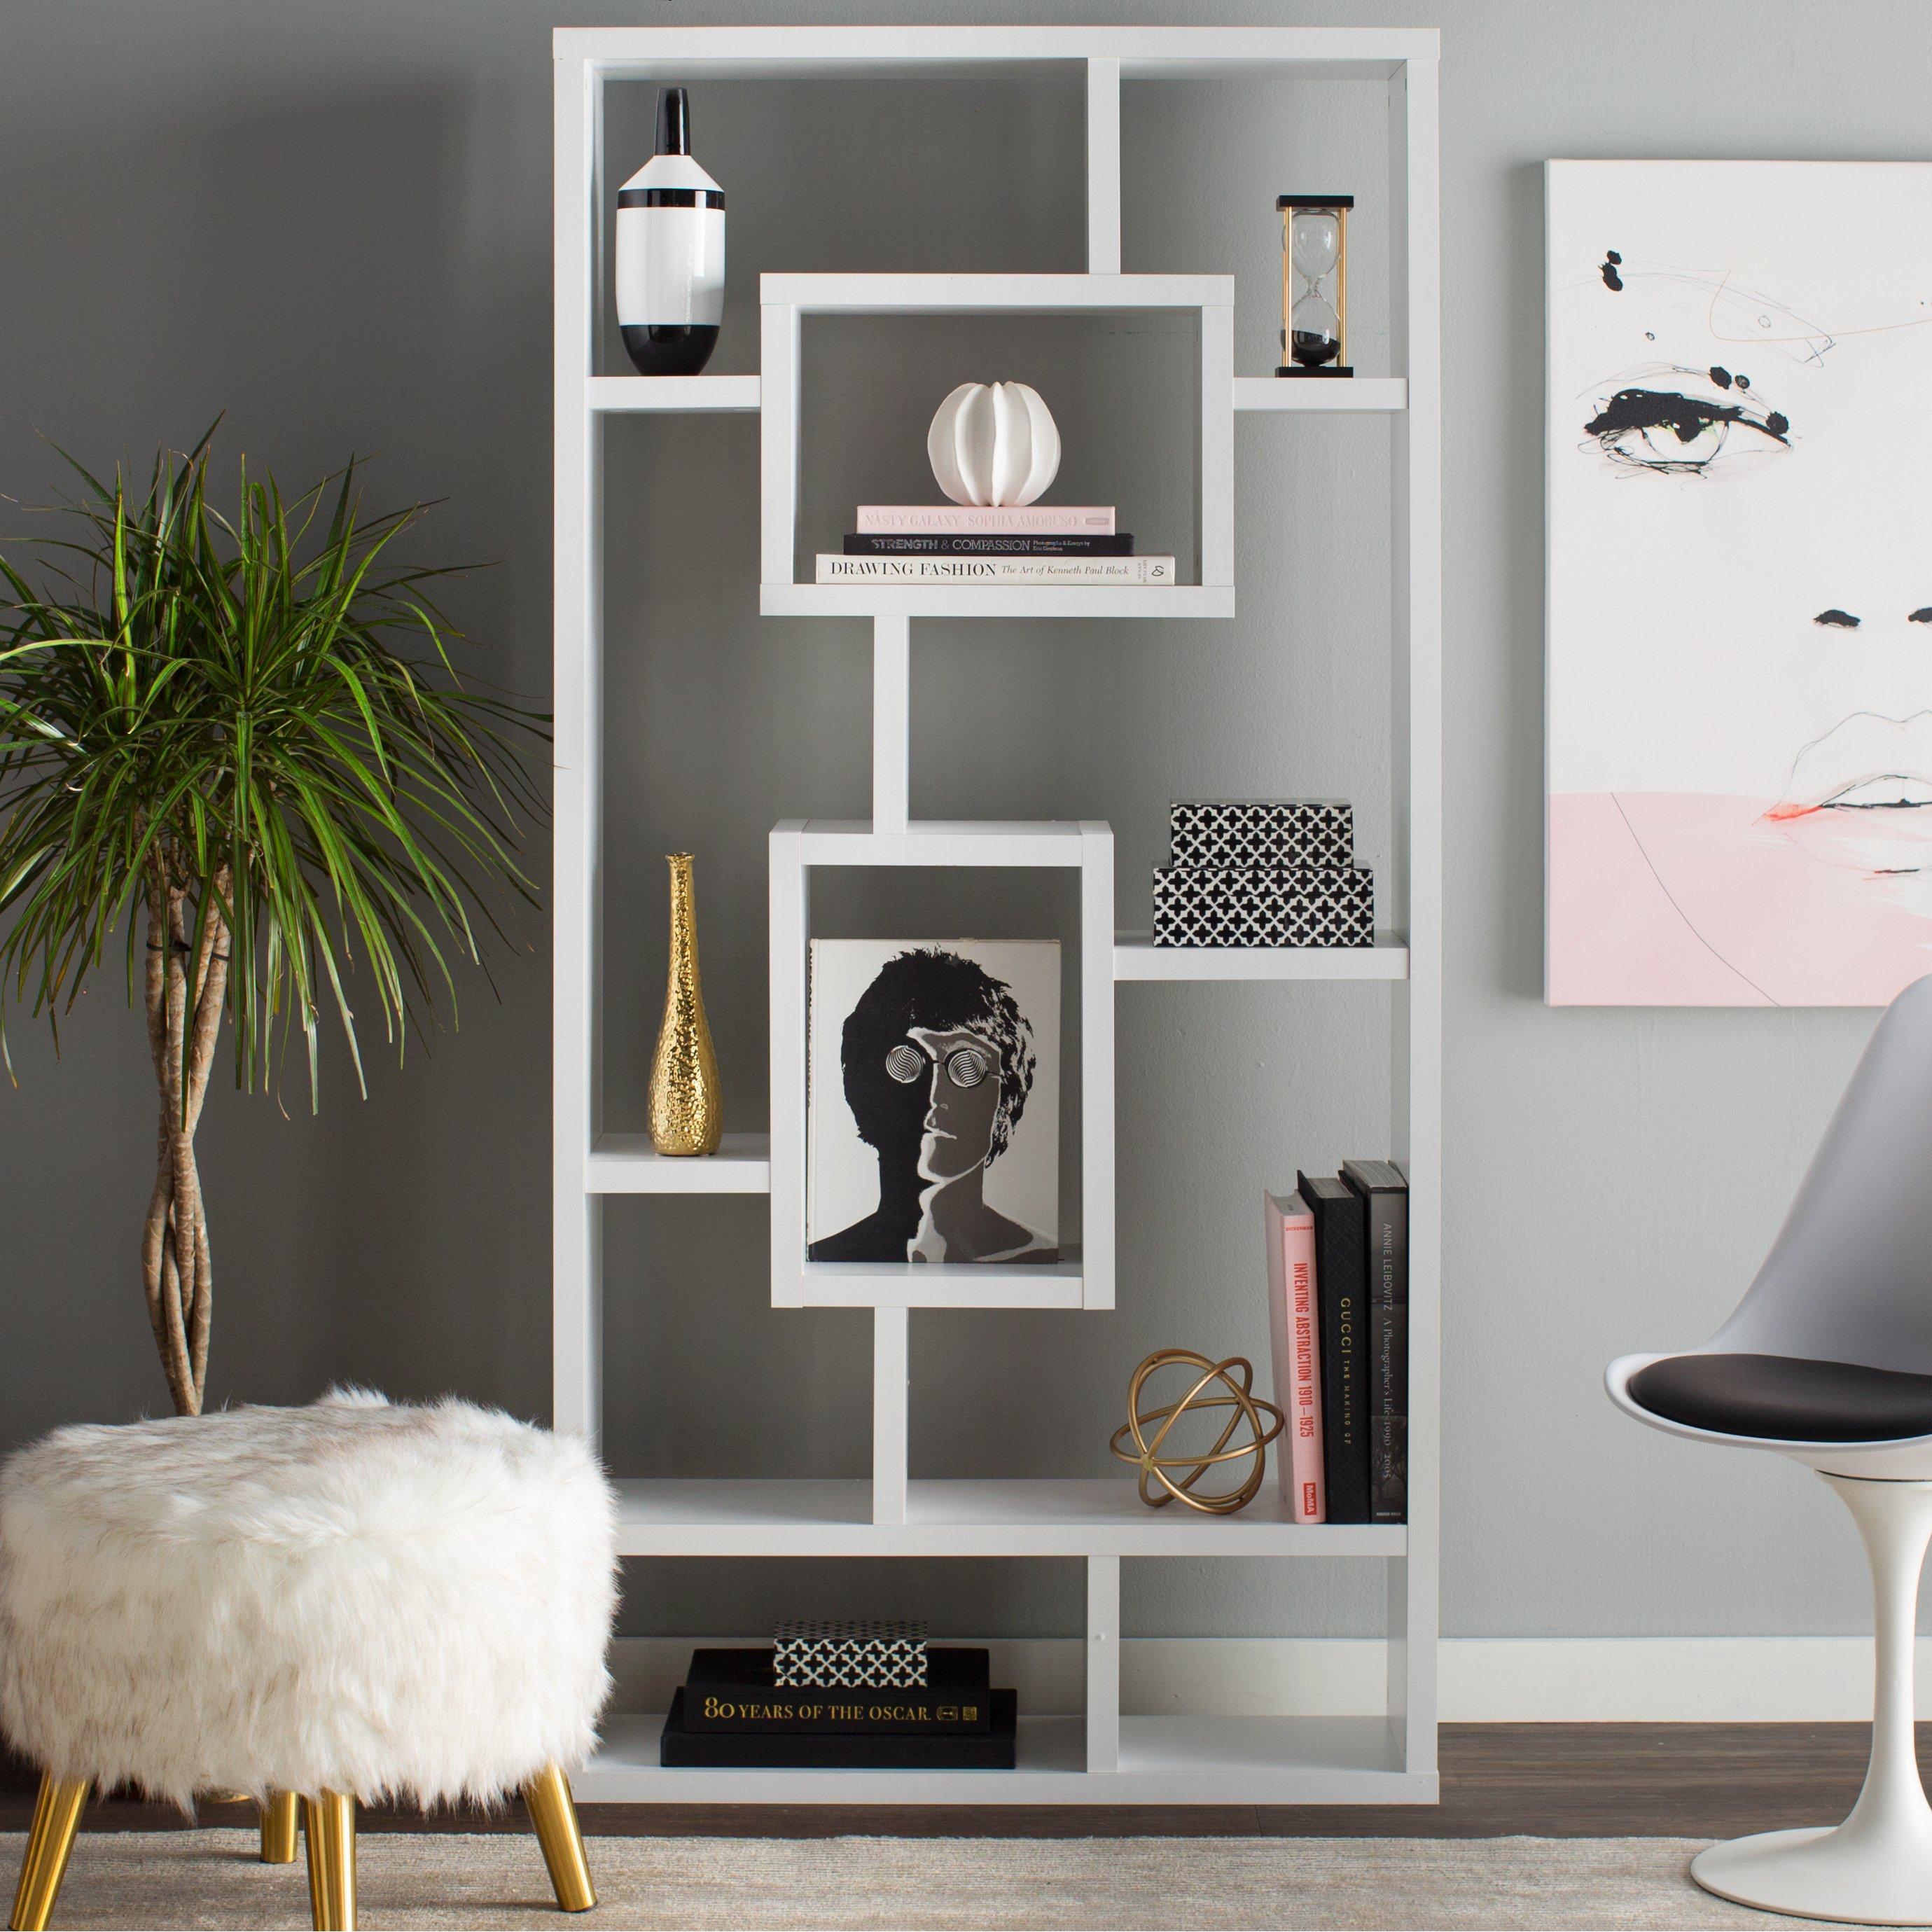 Kmart Couches | Kmart Bed Frame | Kmart Bookshelves